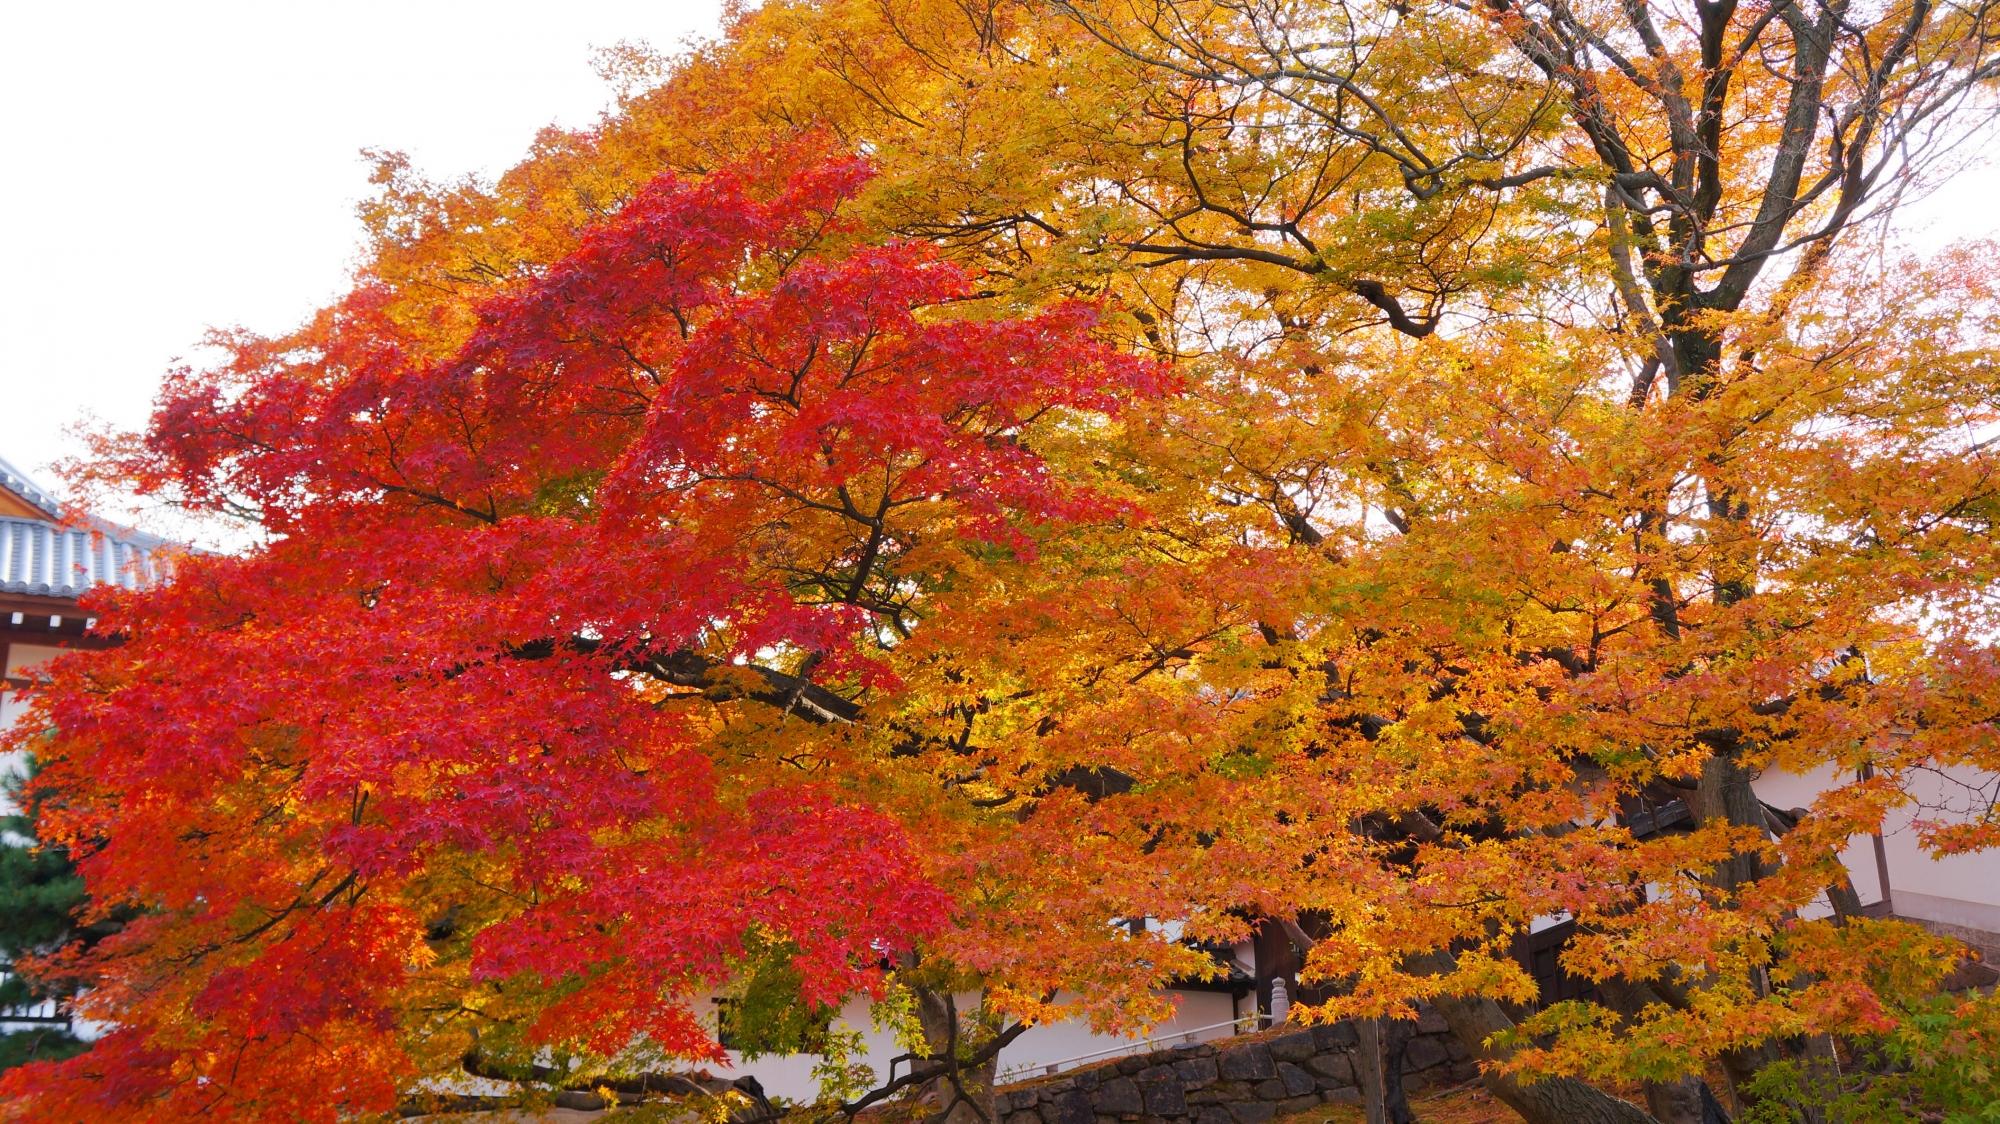 下から眺めた黒門坂の紅葉